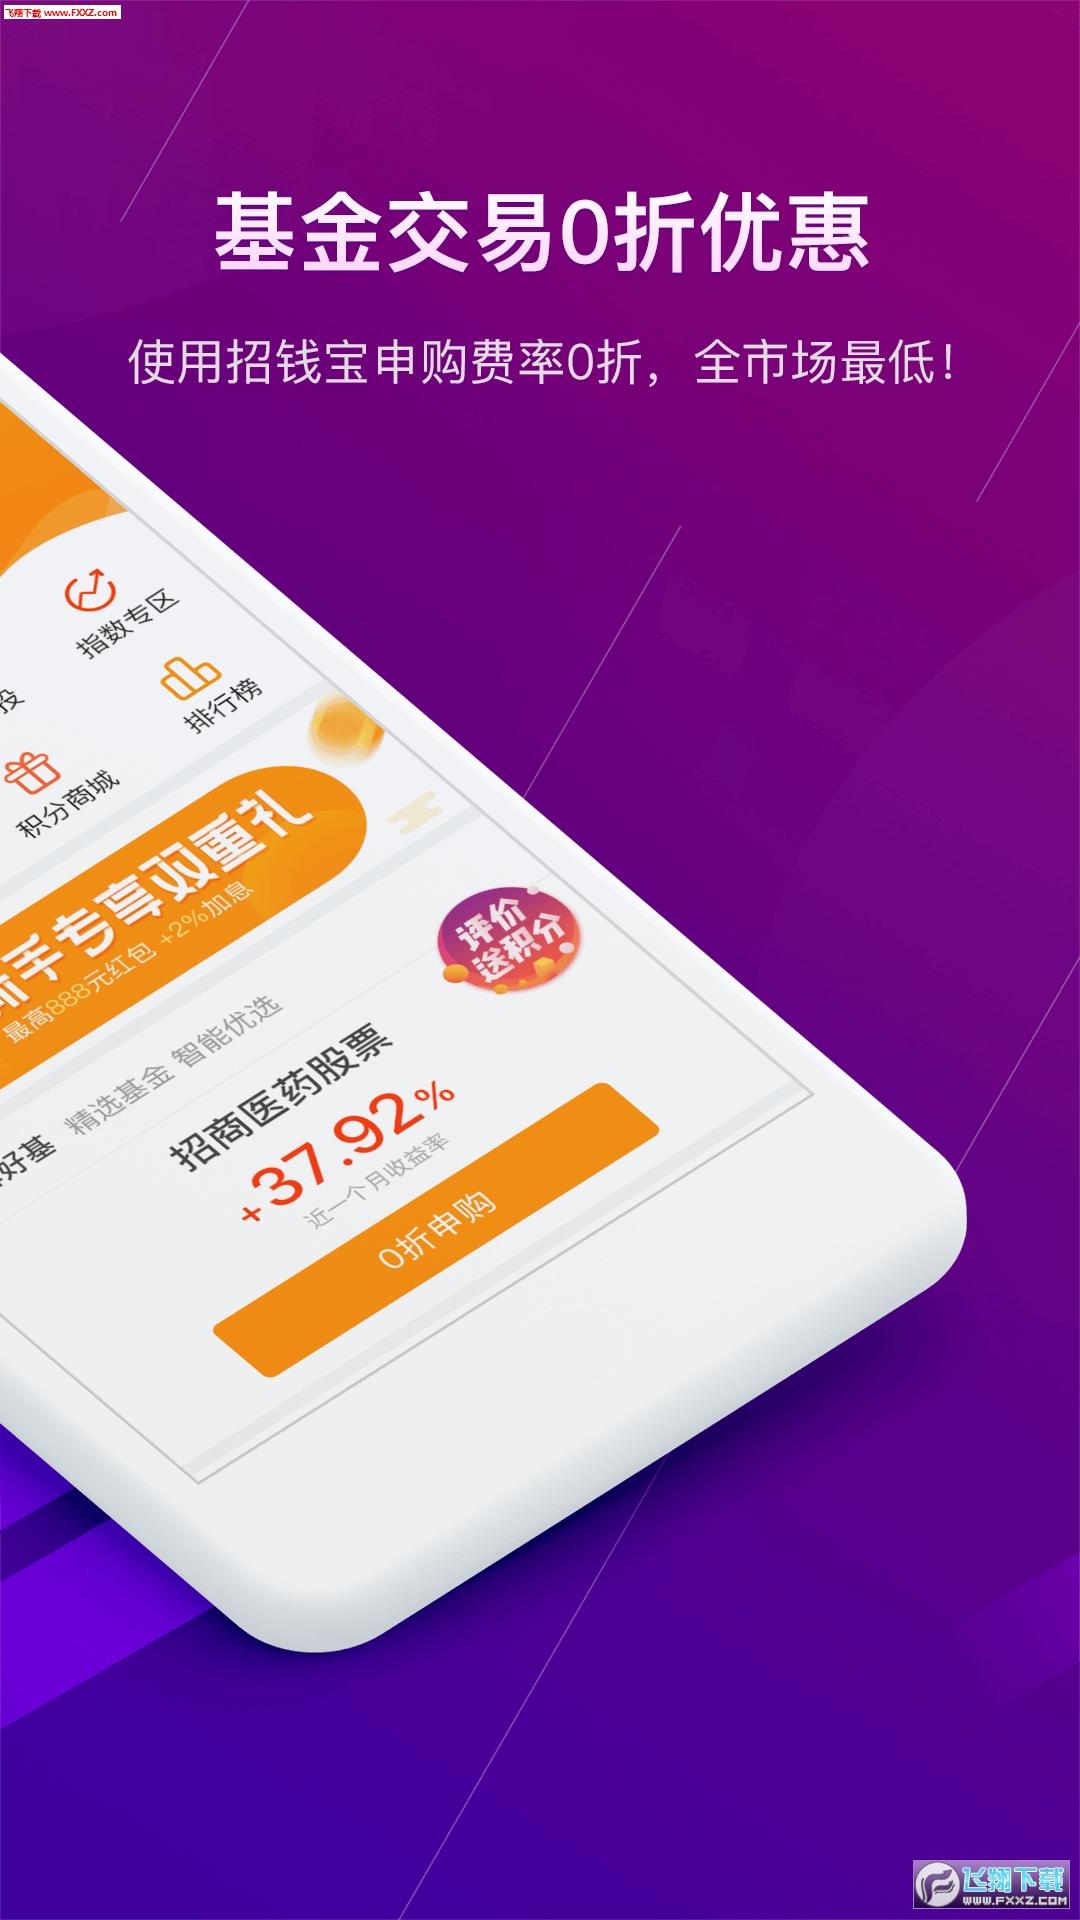 招商招钱宝app官方版5.7.0截图3